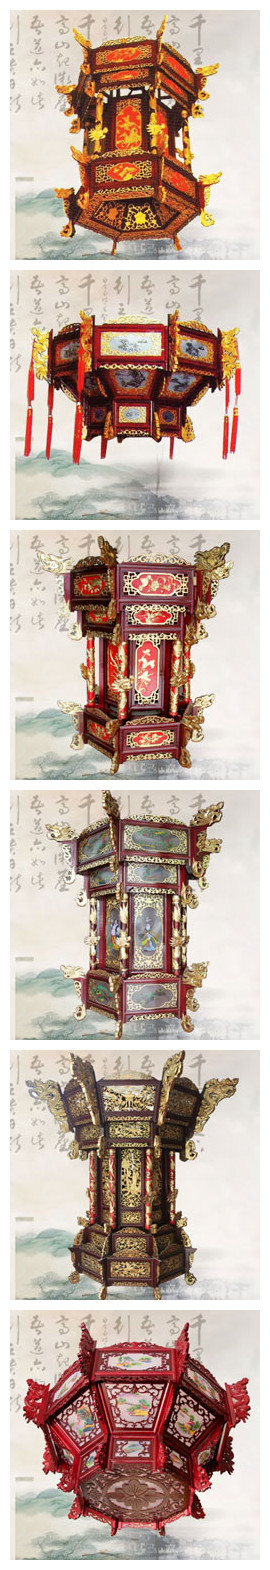 中式装修室内常运用的古典点缀元素--宫灯